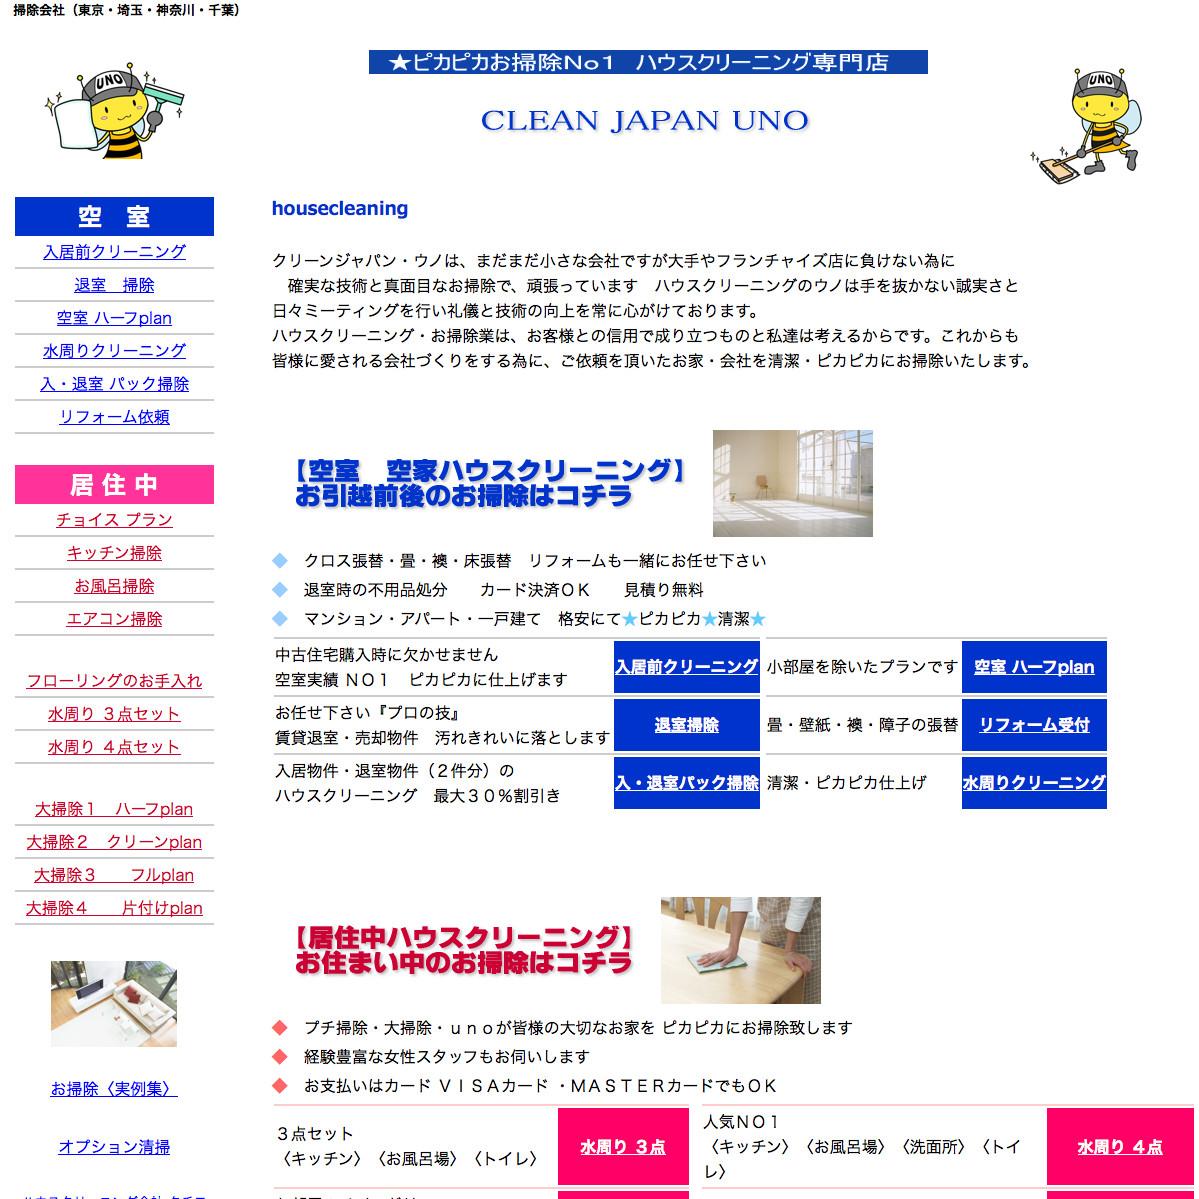 クリーンジャパン・ウノの口コミと評判